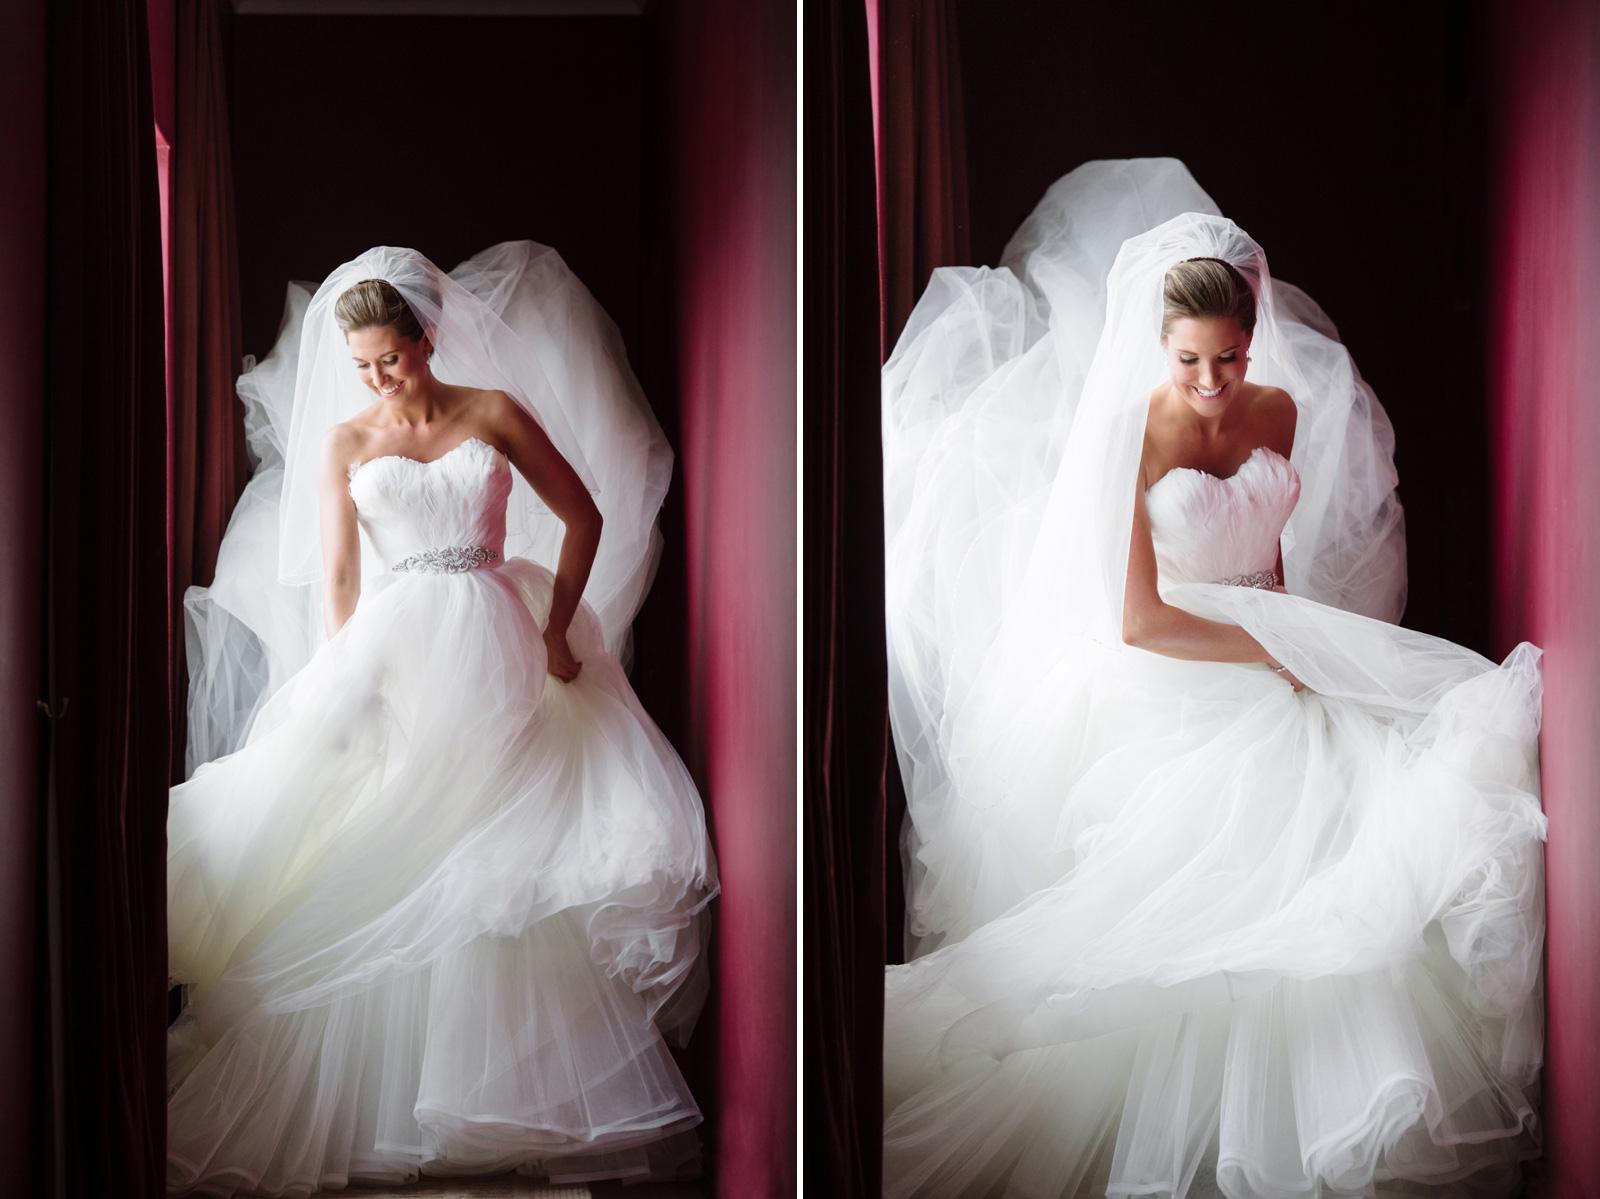 bride in massive dress